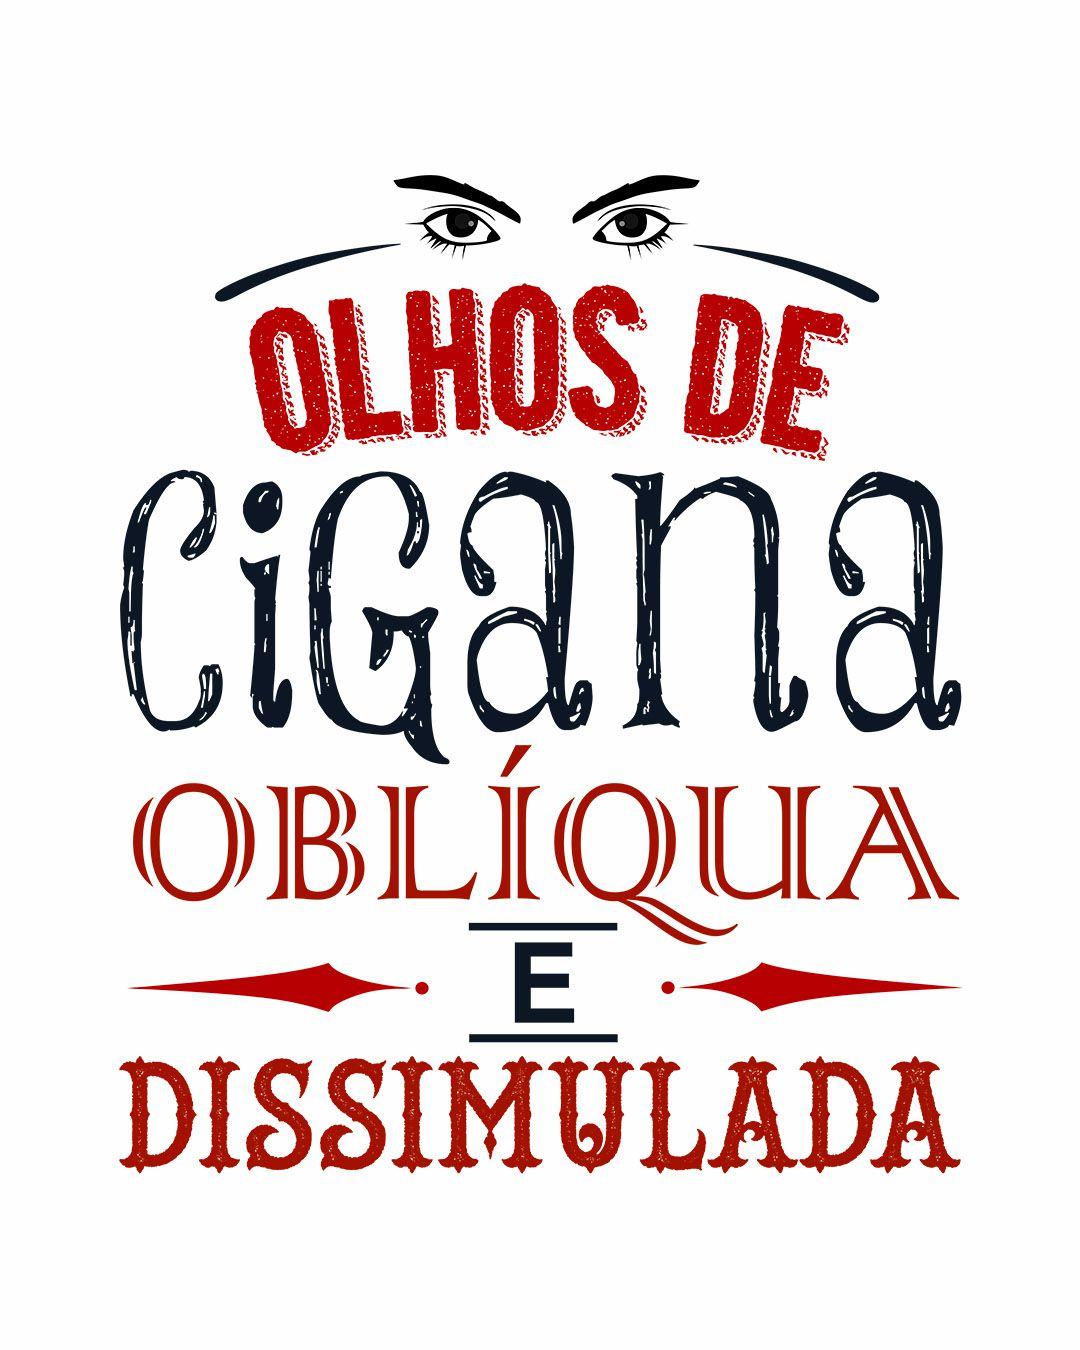 Camiseta Olhos de cigana oblíqua e dissimulada - Dom Casmurro